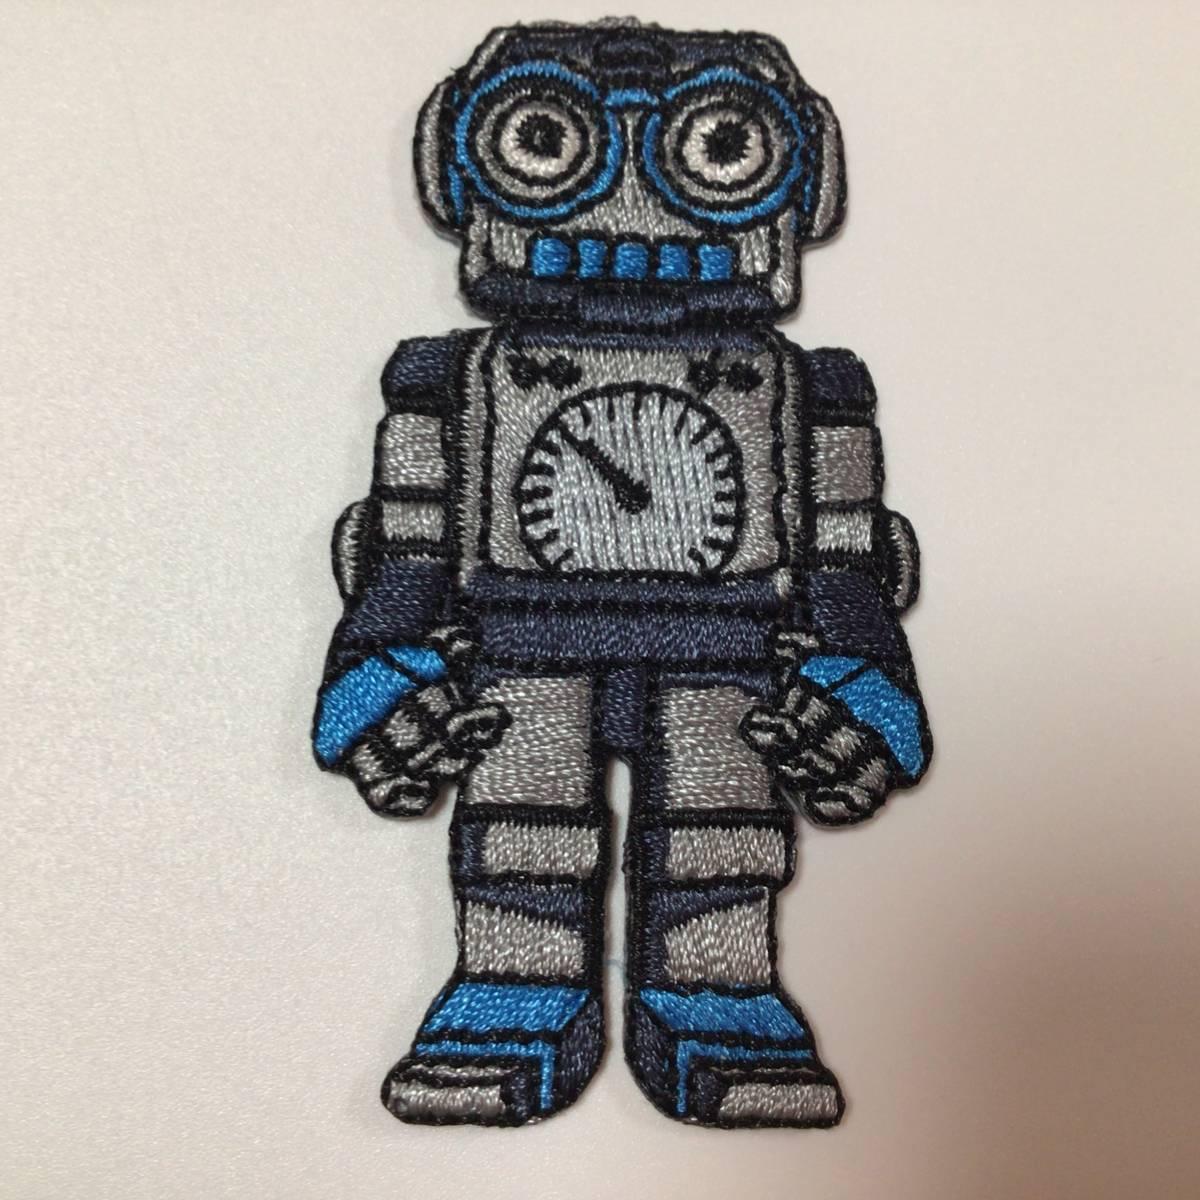 アイロンワッペン 刺繍ワッペン ロボット 3枚セット ● 恐竜 サメ 男の子